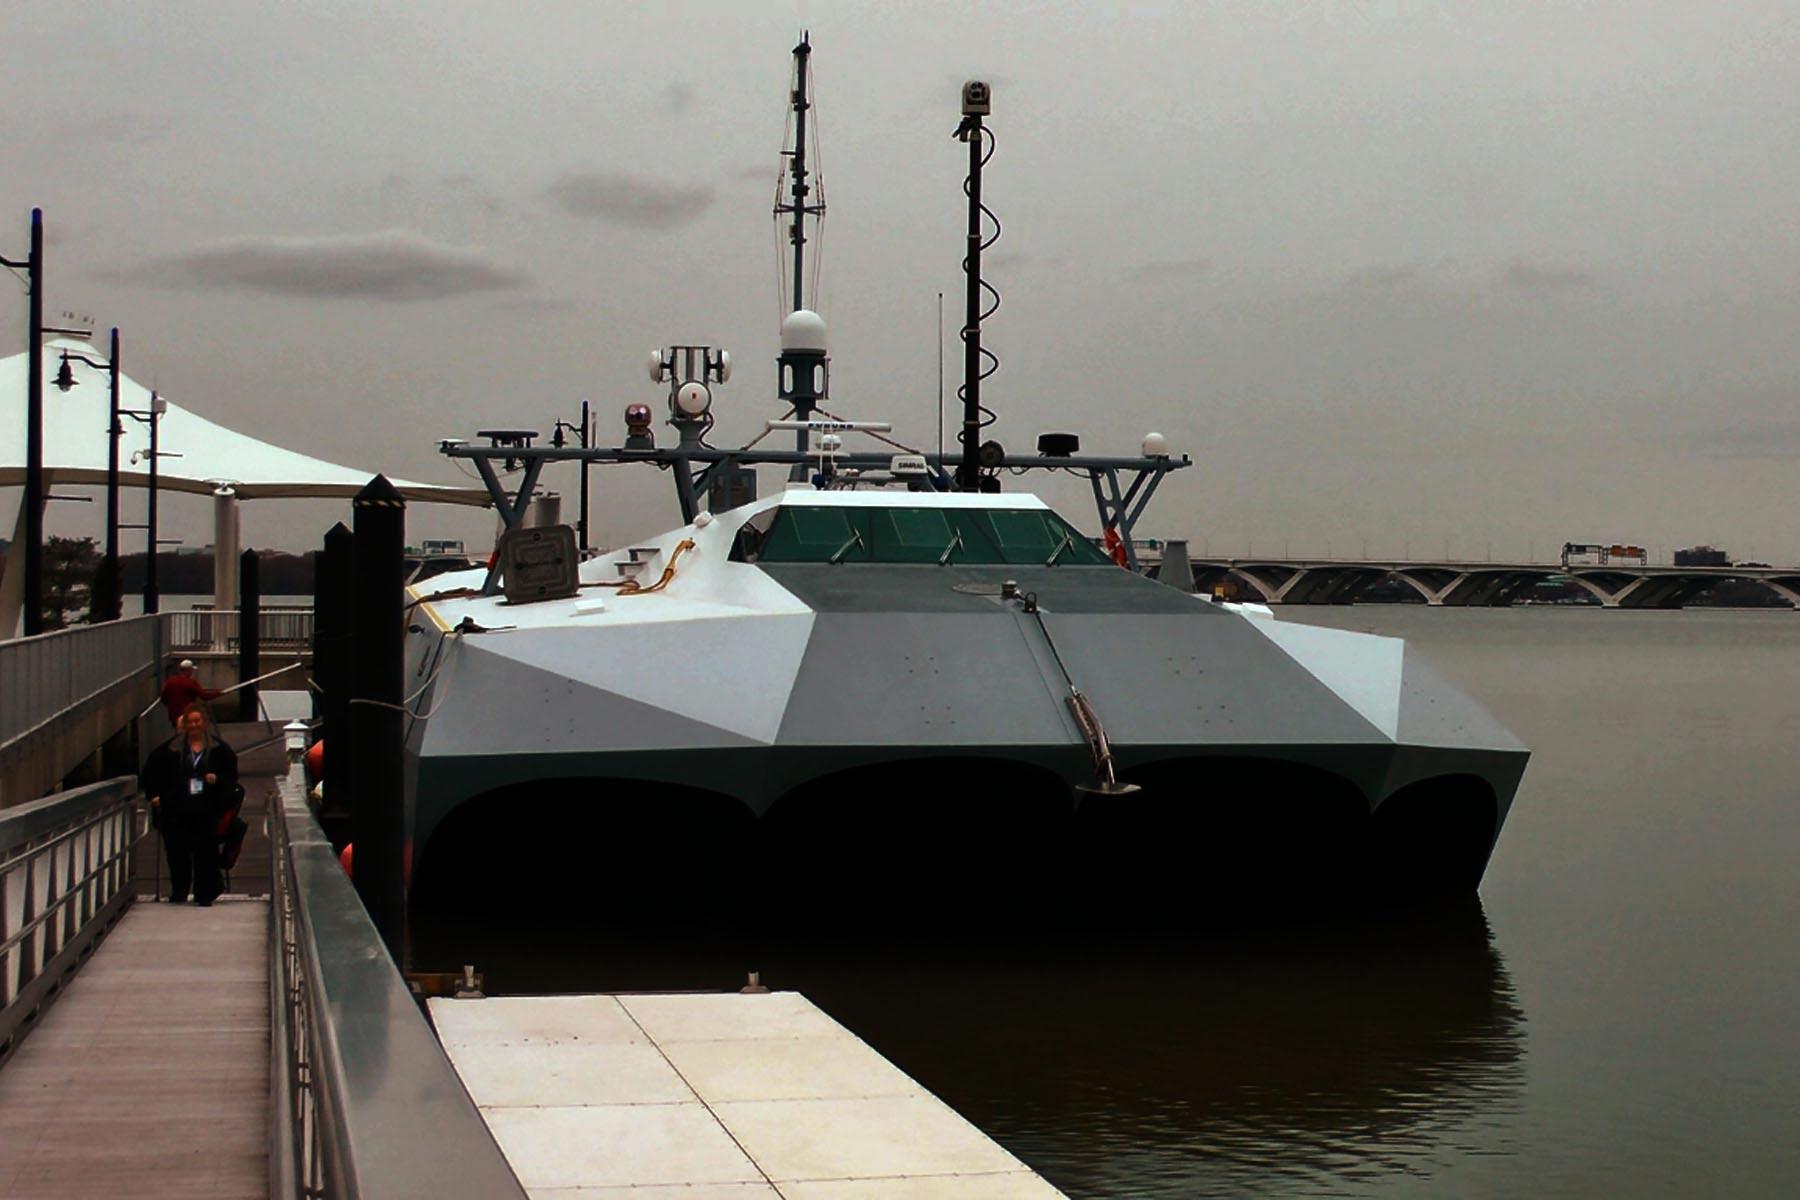 navy u0026 39 s carbon